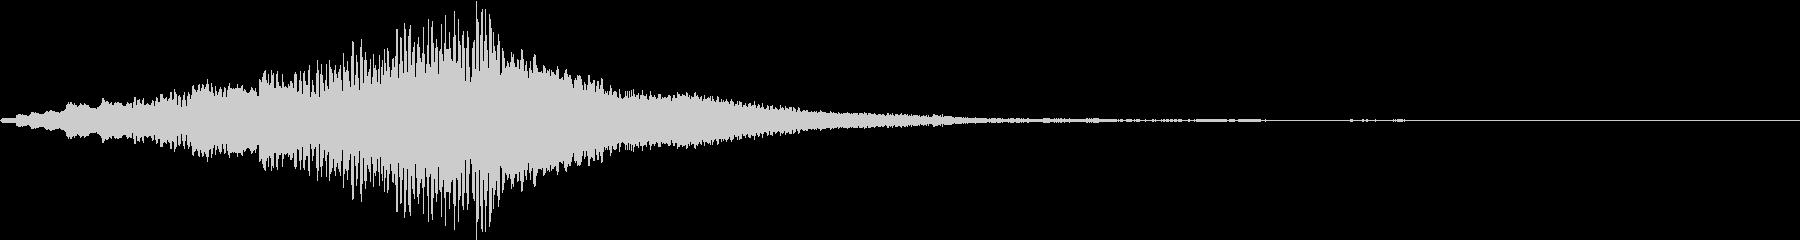 ホラー 近く 接近 恐怖 金属音 01の未再生の波形